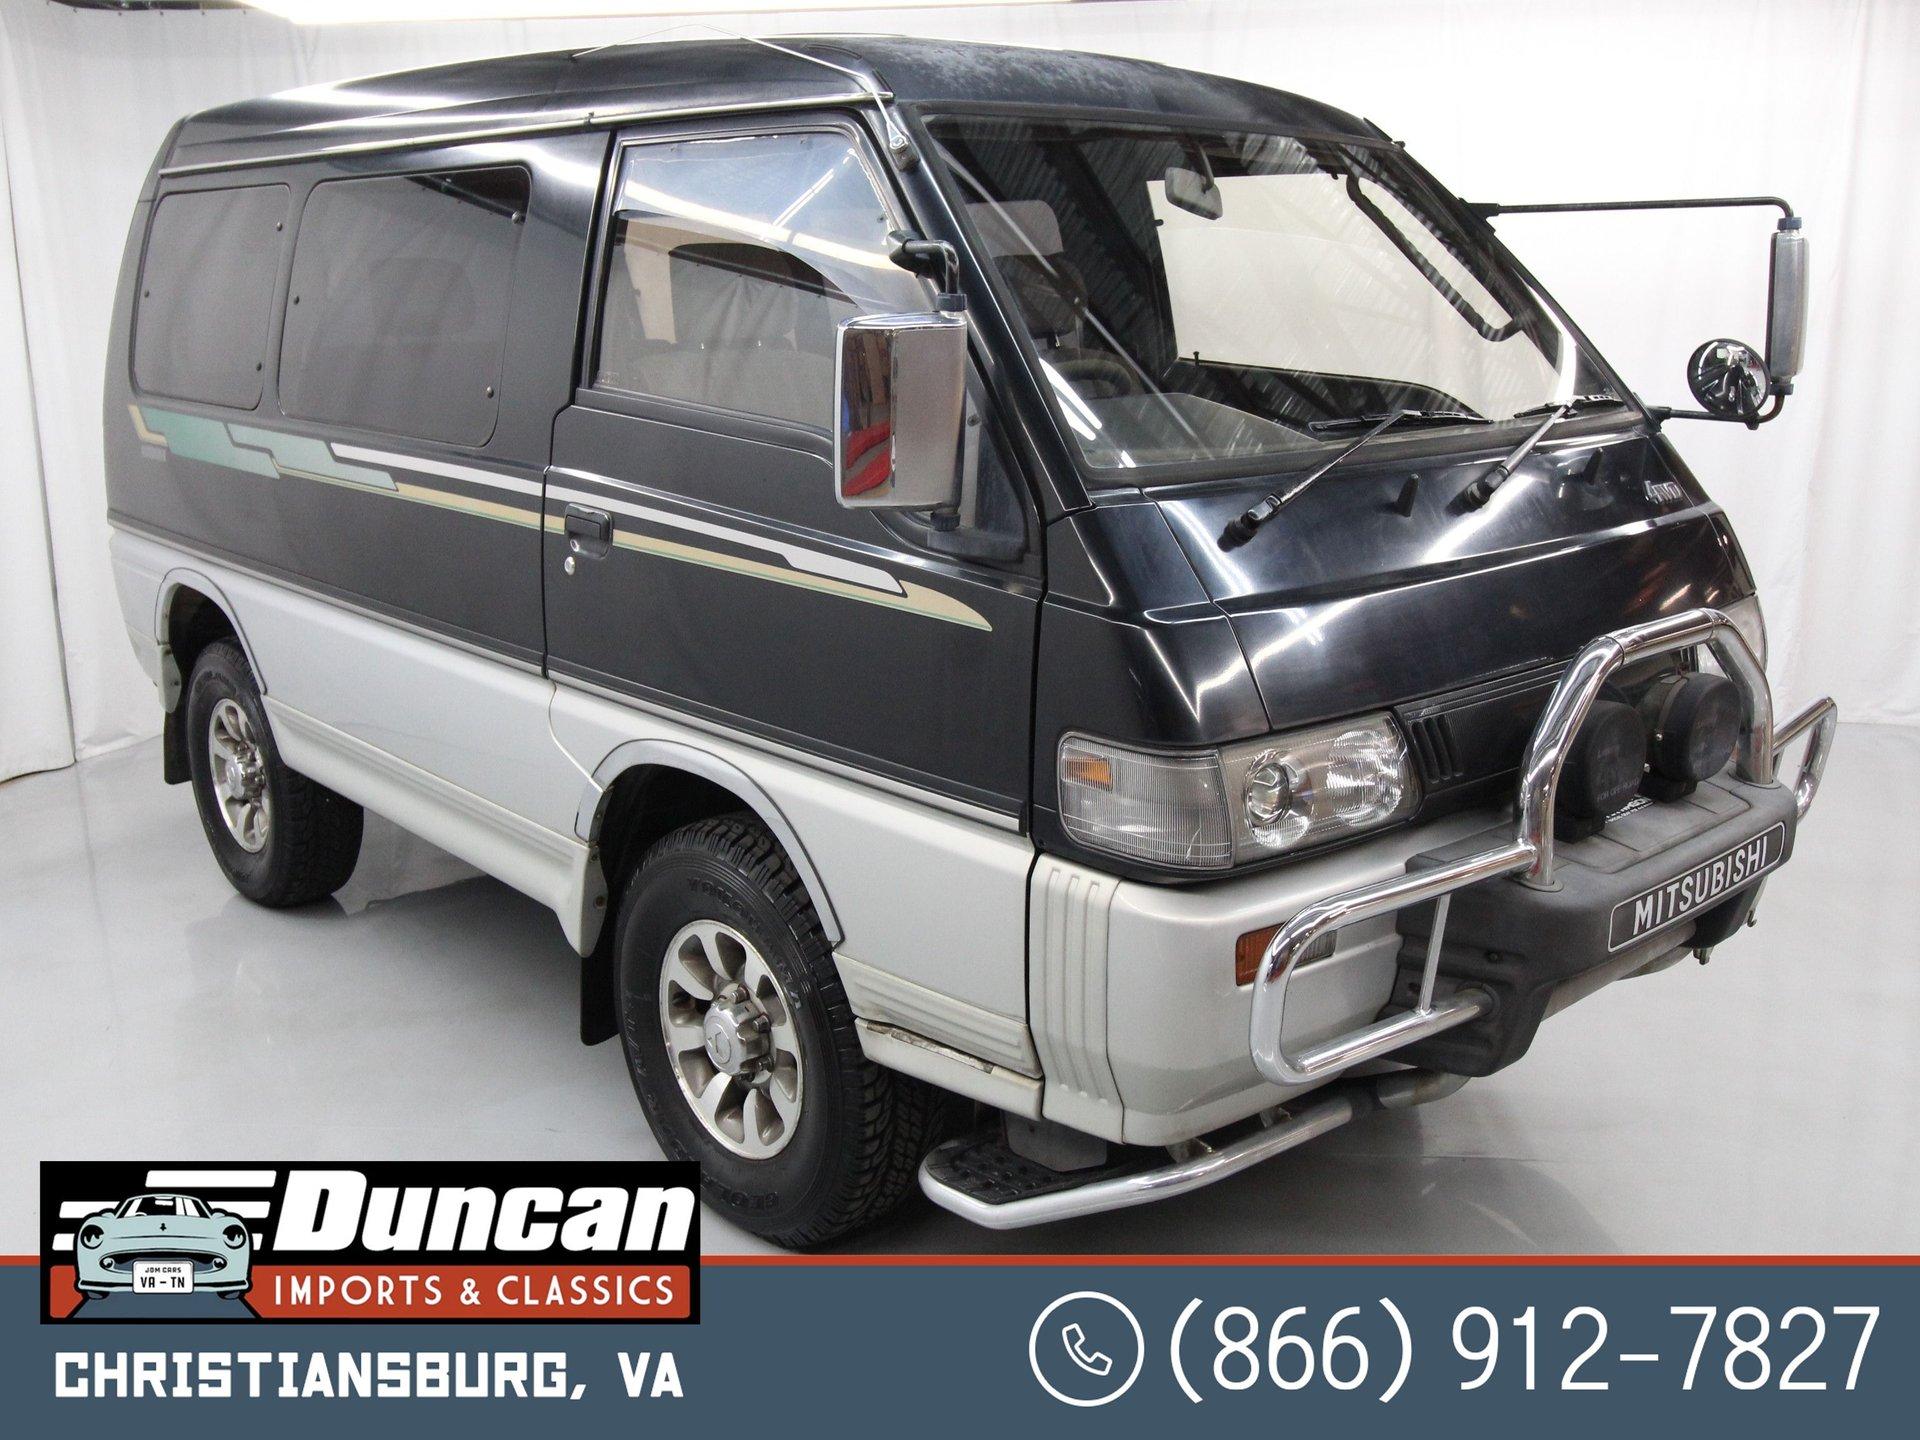 1994 mitsubishi delica star wagon 4wd